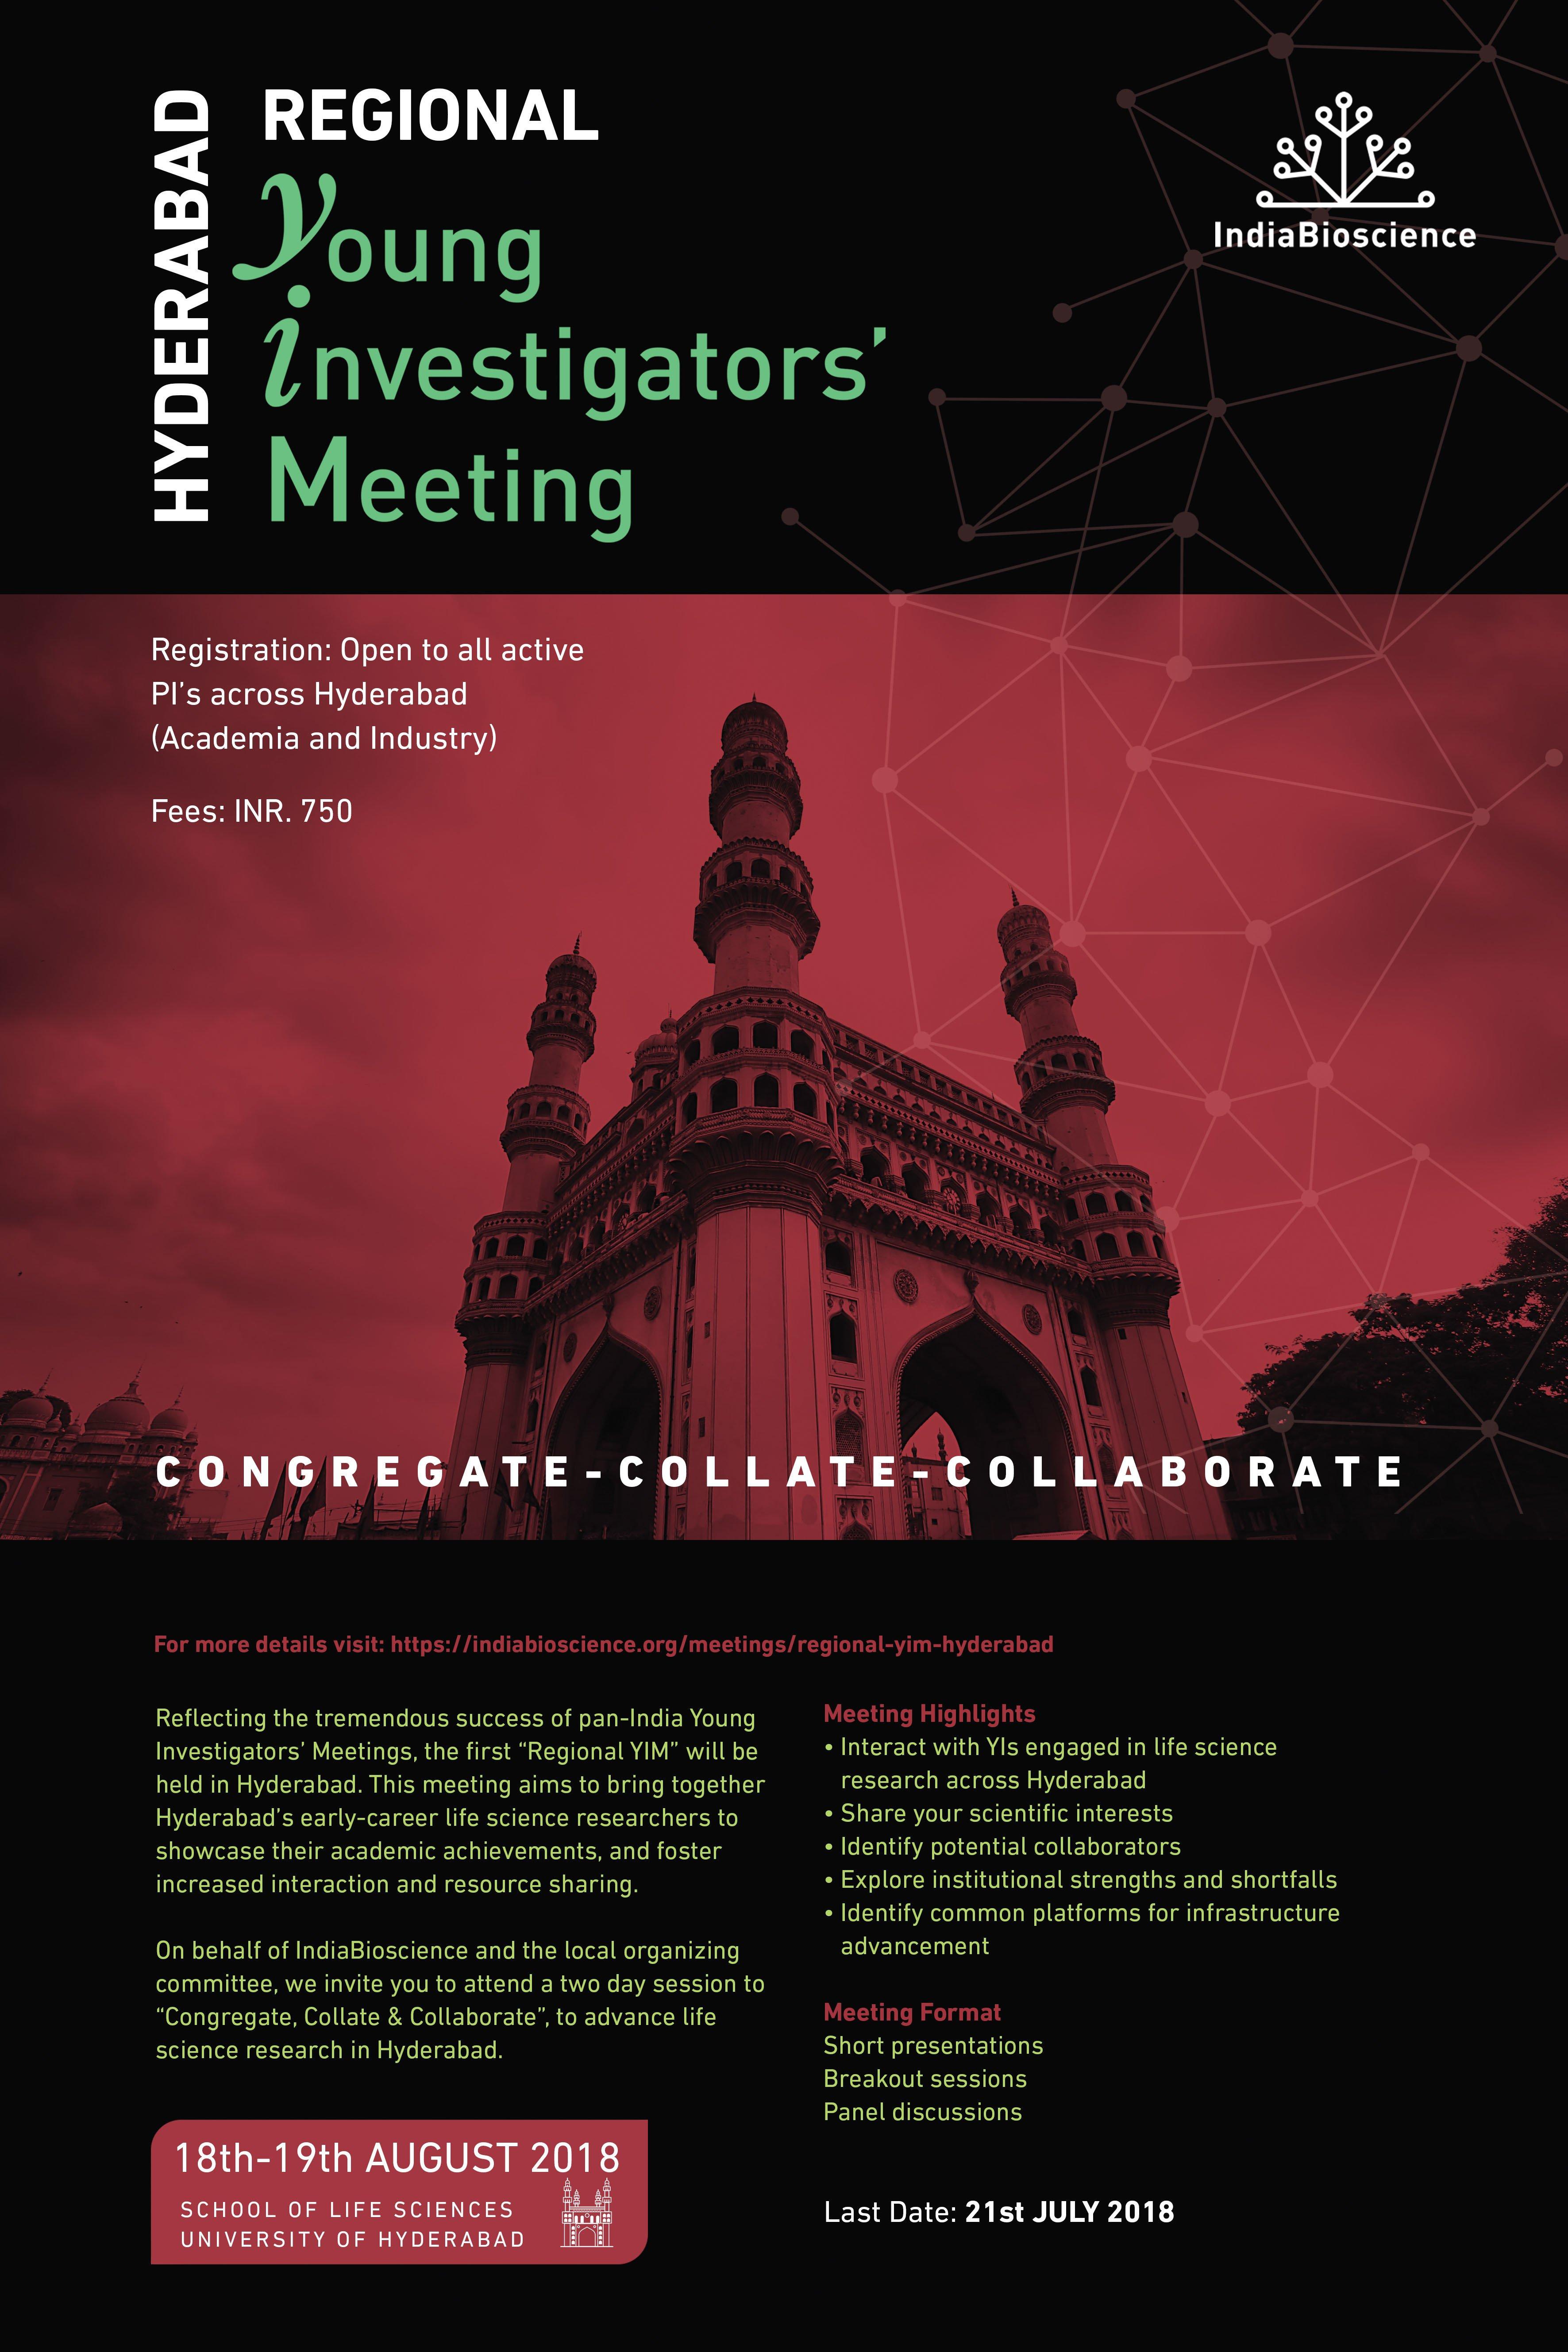 Regional YIM 2018 - Hyderabad - IndiaBioscience